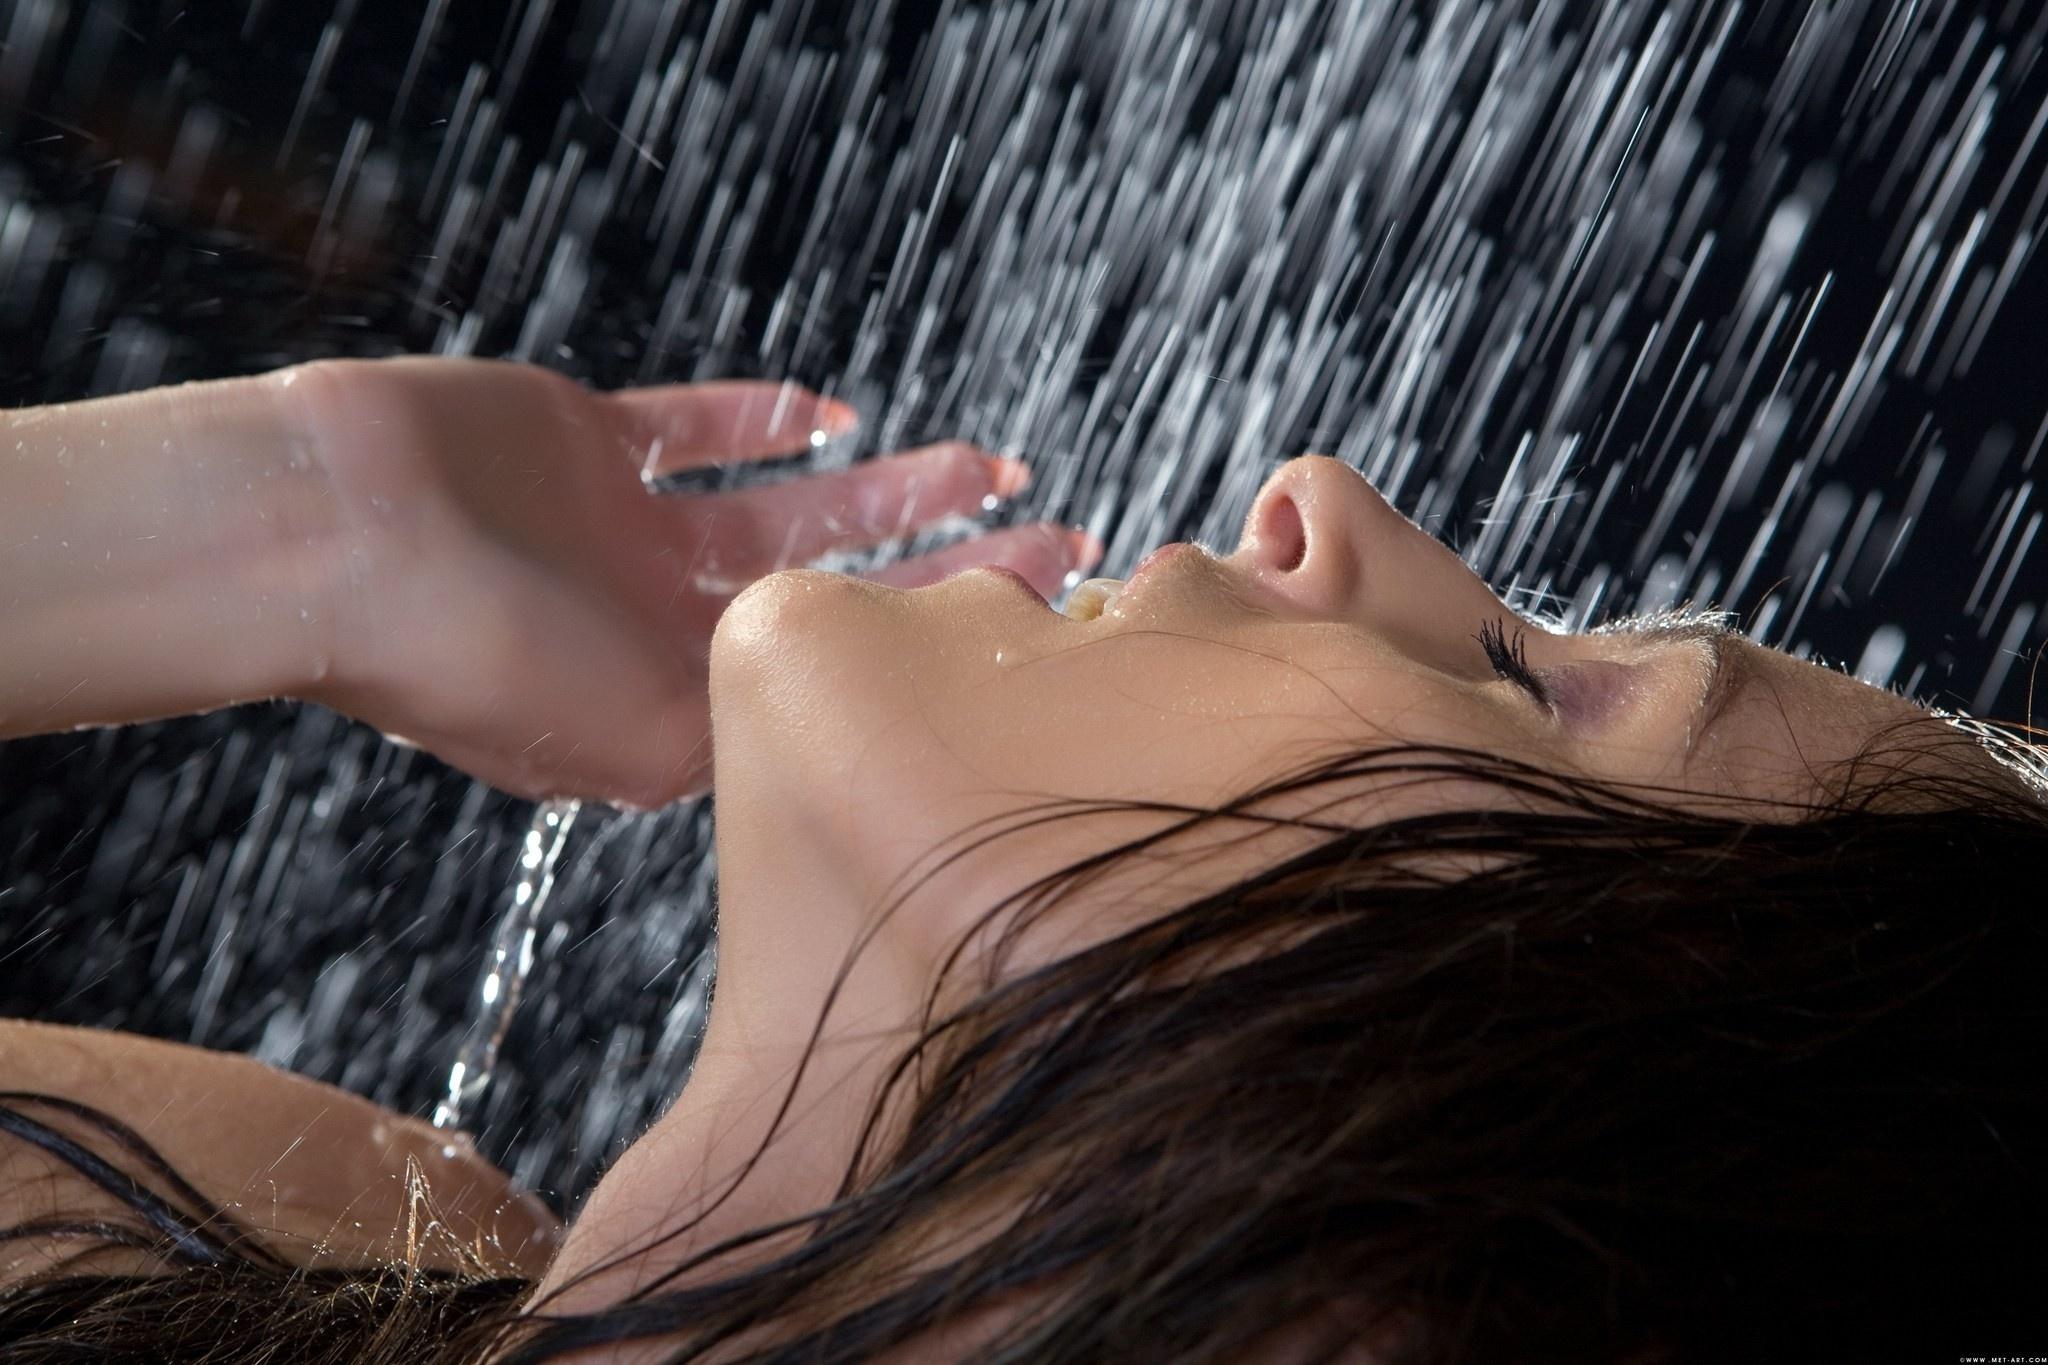 gentle-rain-75346